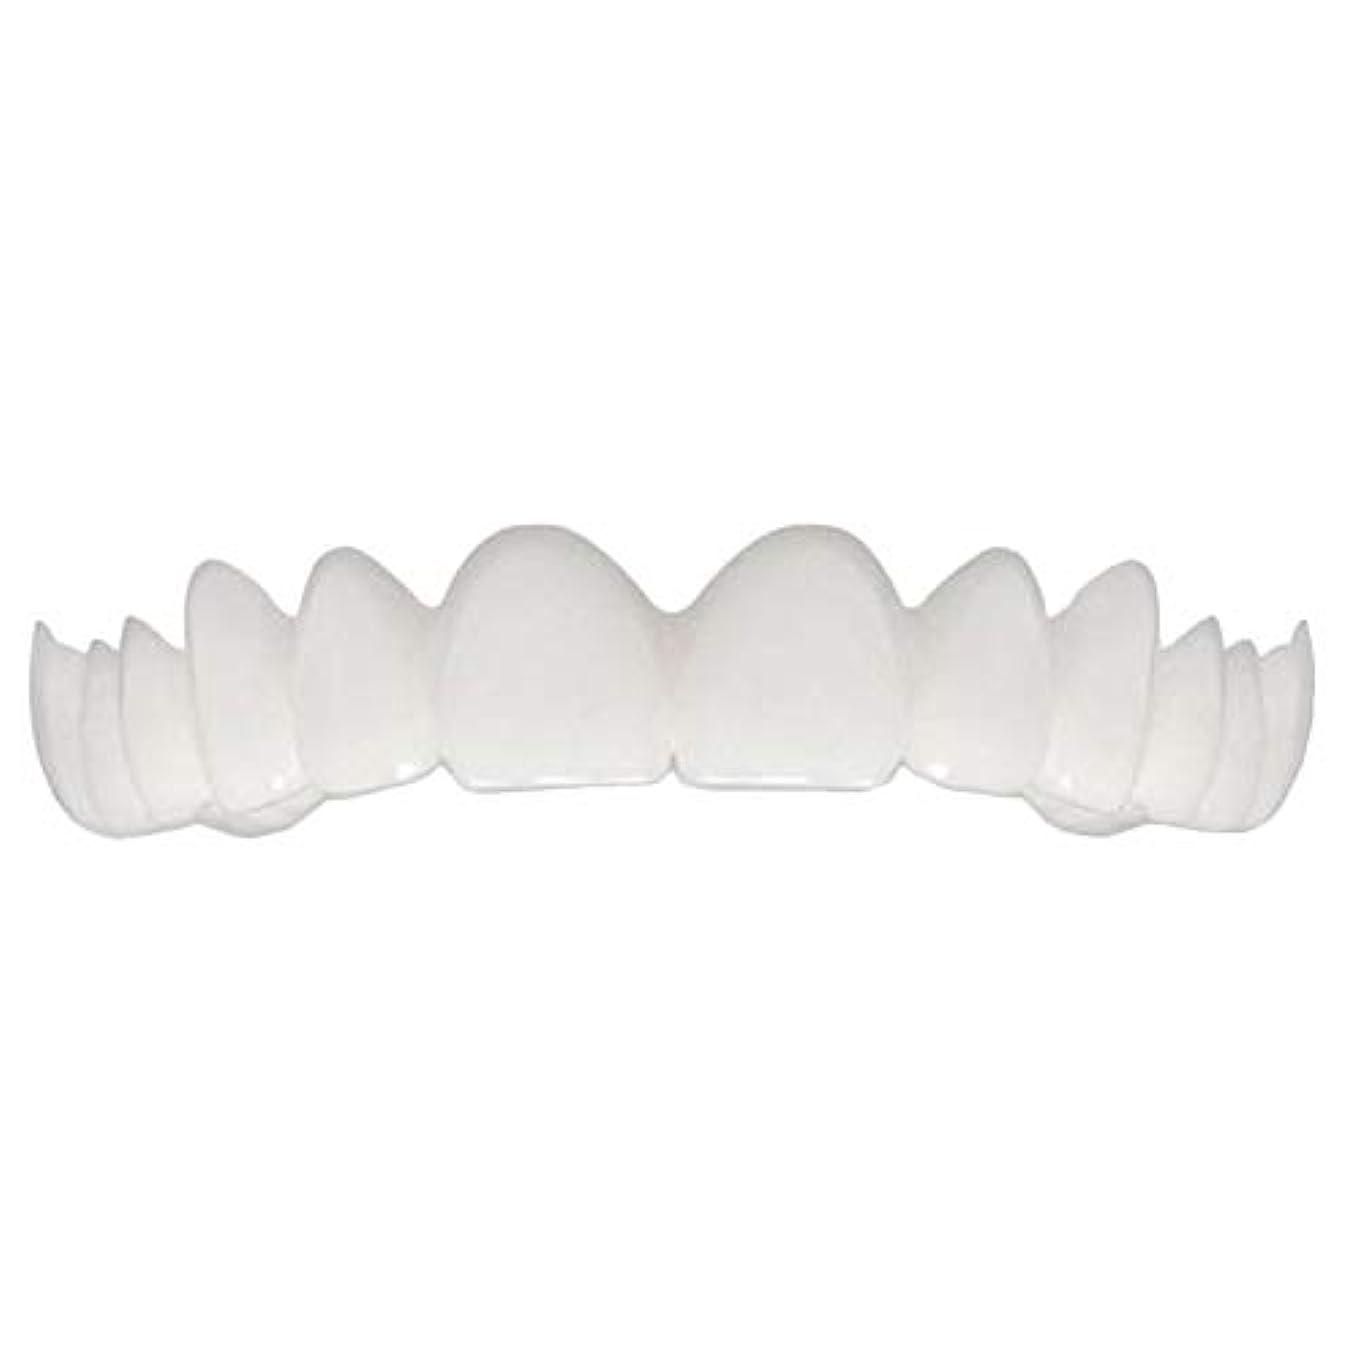 紳士気取りの、きざな切る希少性ユニセックスシリコン模擬義歯、ホワイトニングフィット義歯(2pcs),Upper